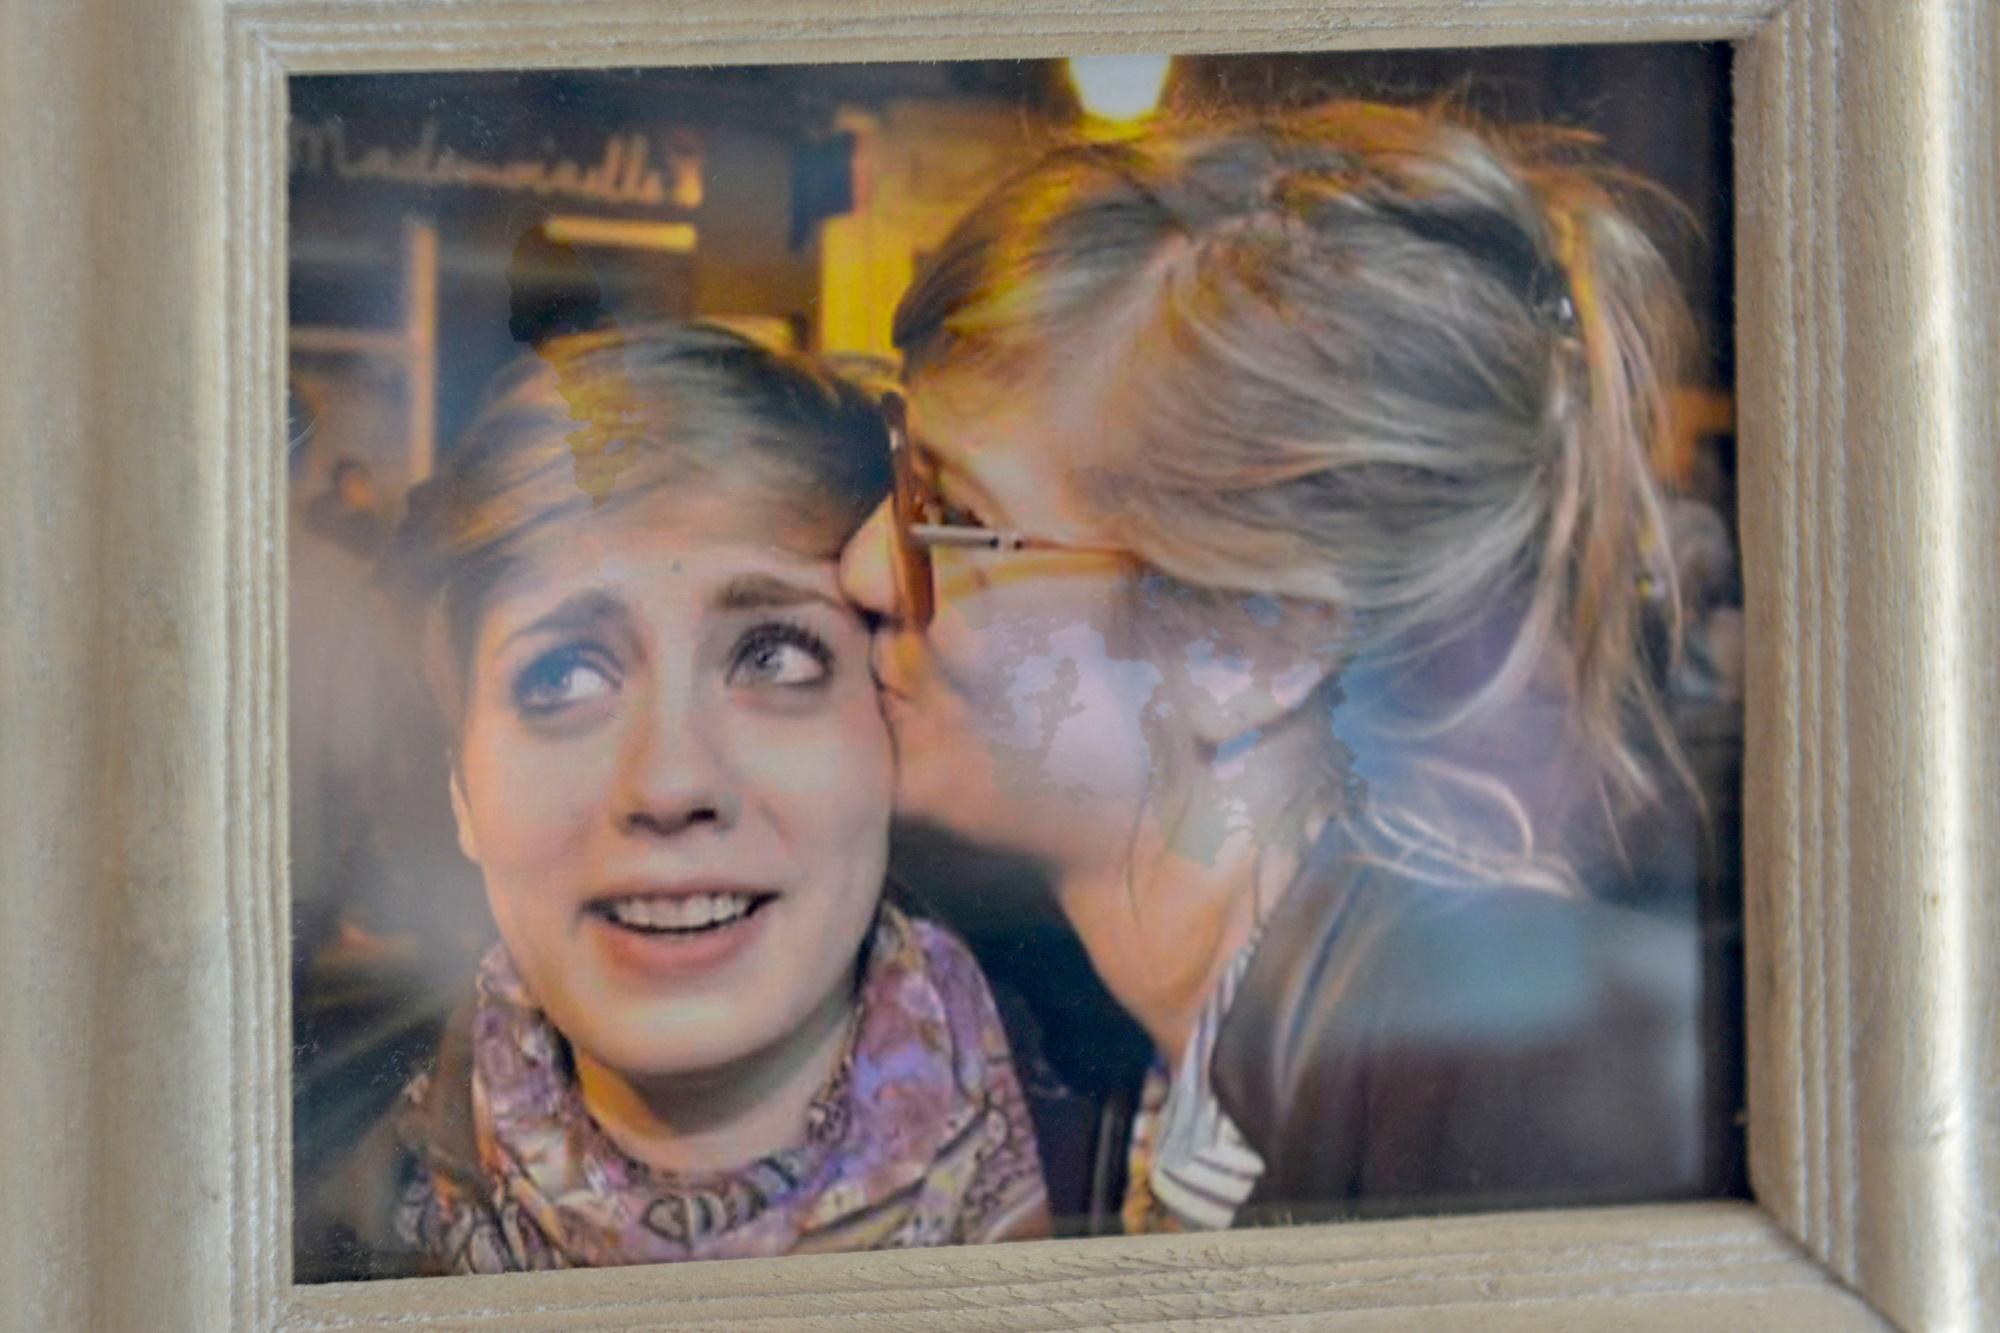 Anna et Marion ont été tuées durant les attentats de Paris du 13 novembre., afp